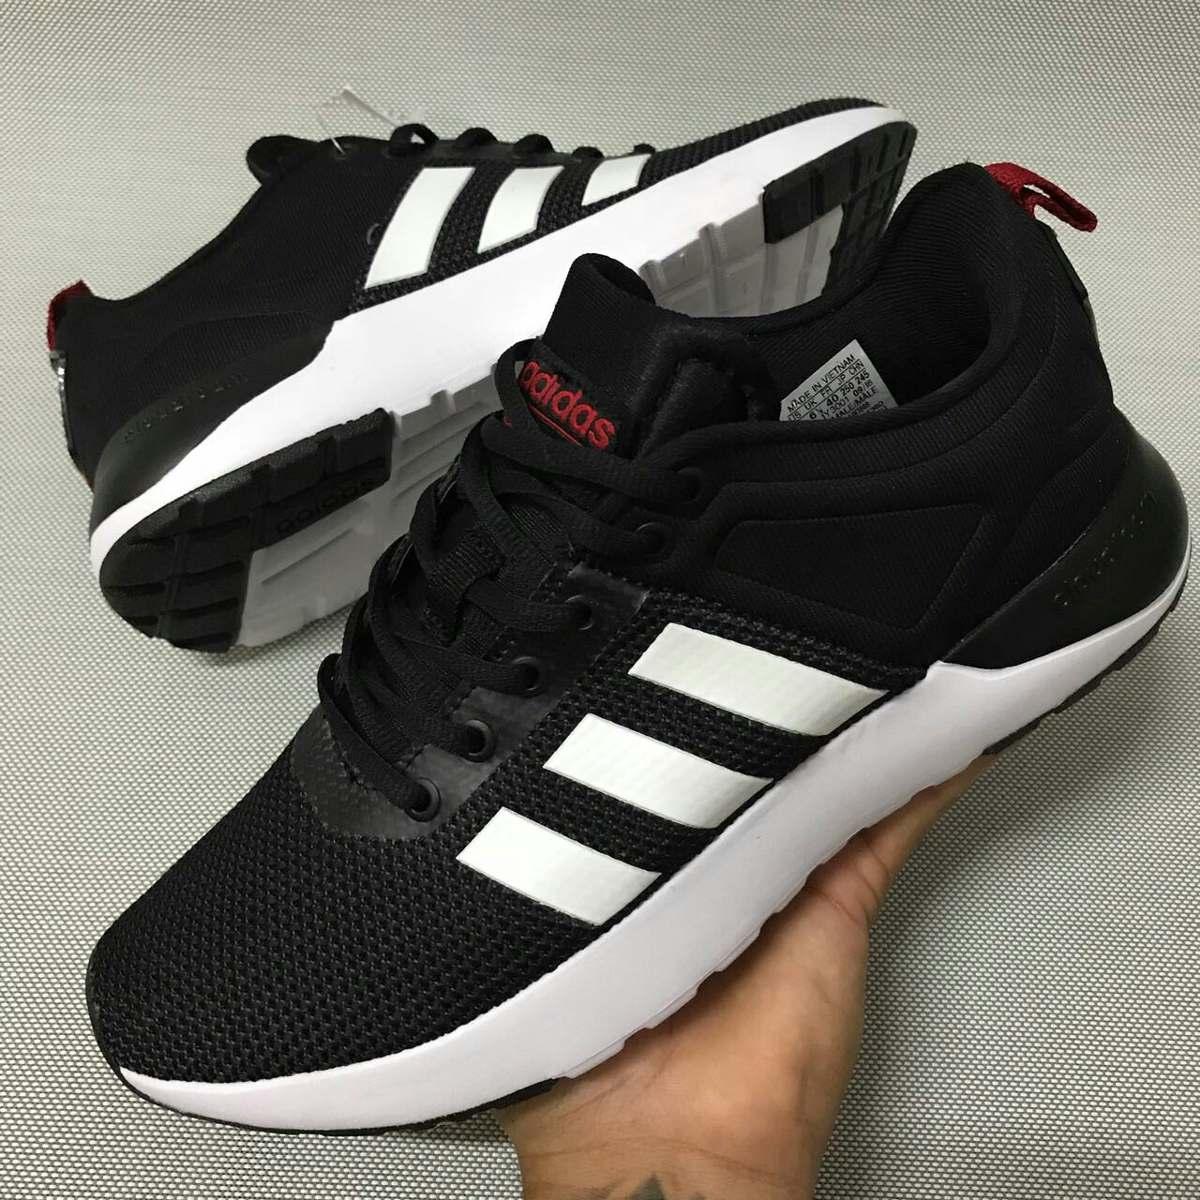 6a79aec2360 Tenis Zapatillas adidas Torsion Ii Hombre -   169.800 en Mercado Libre